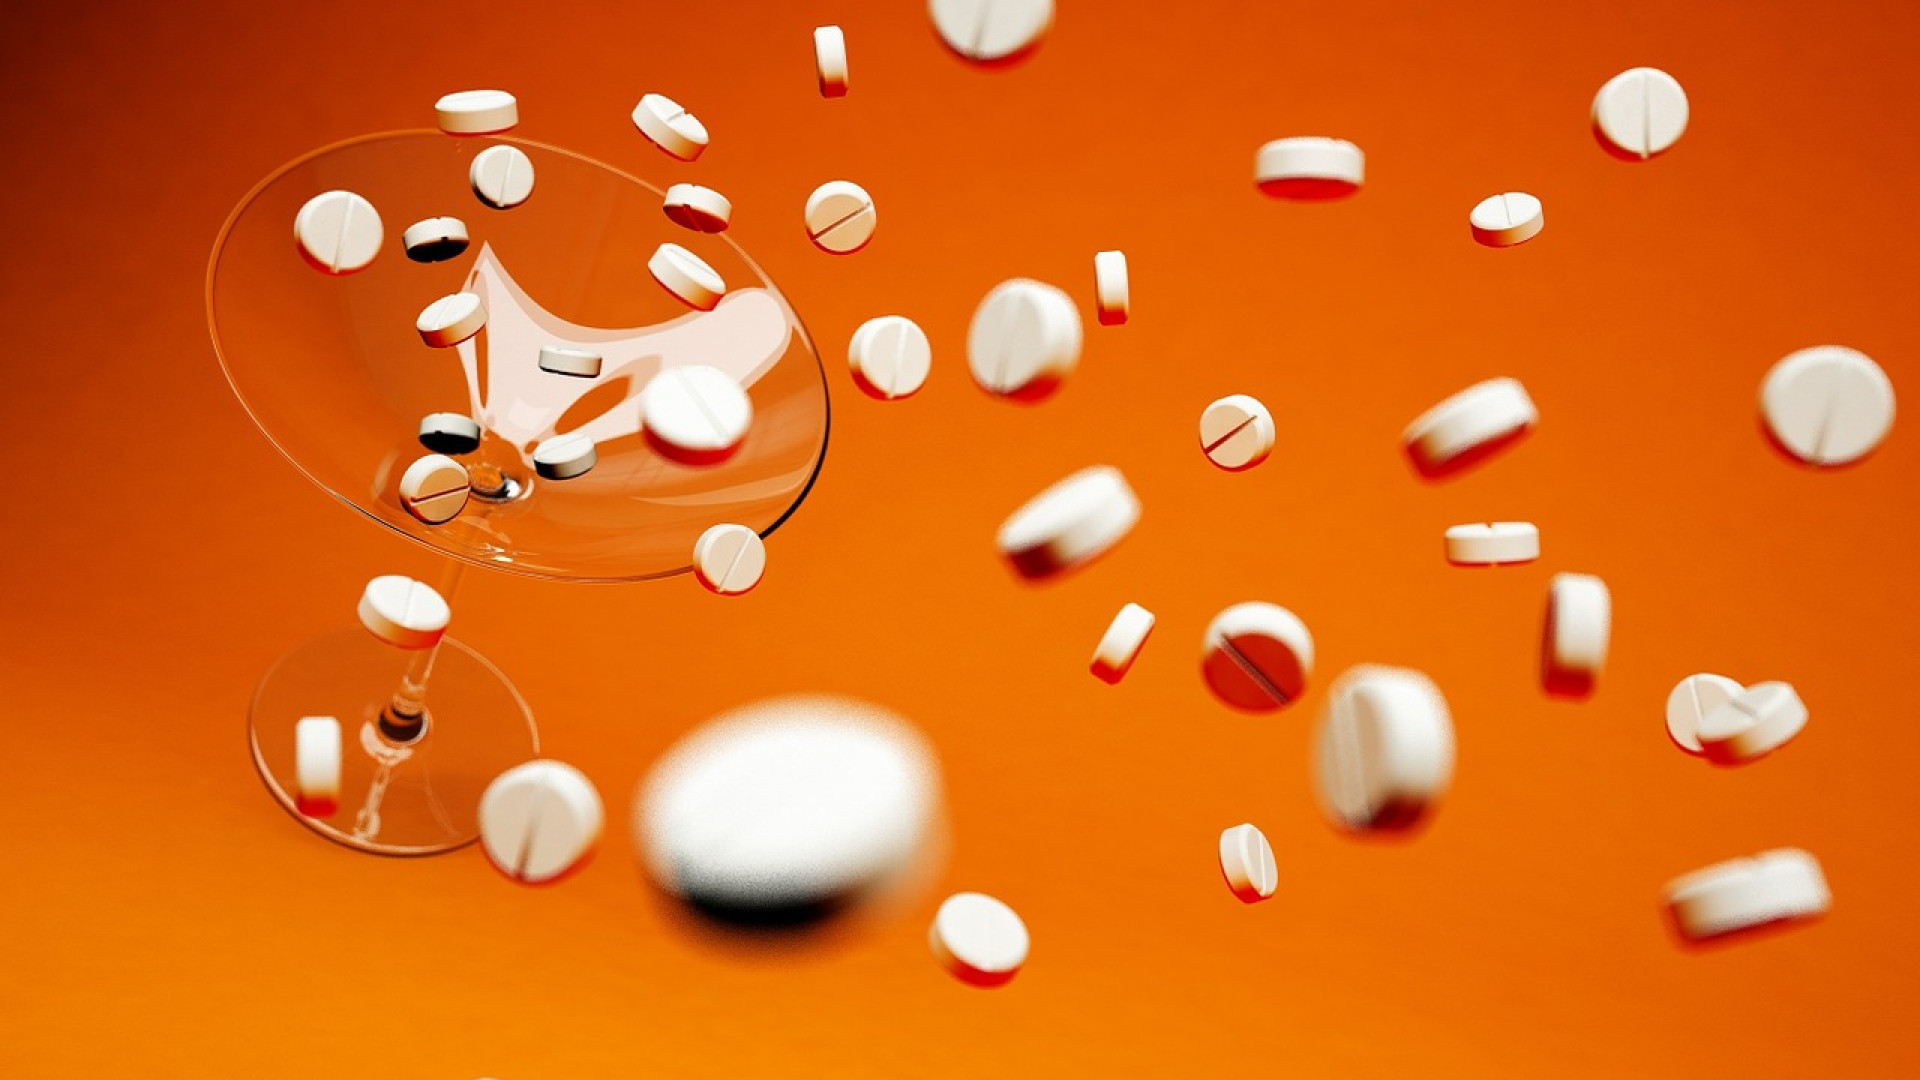 Observance thérapeutique : pourquoi avez-vous besoin d'un appareil de suivi pour la prise des médicaments ?